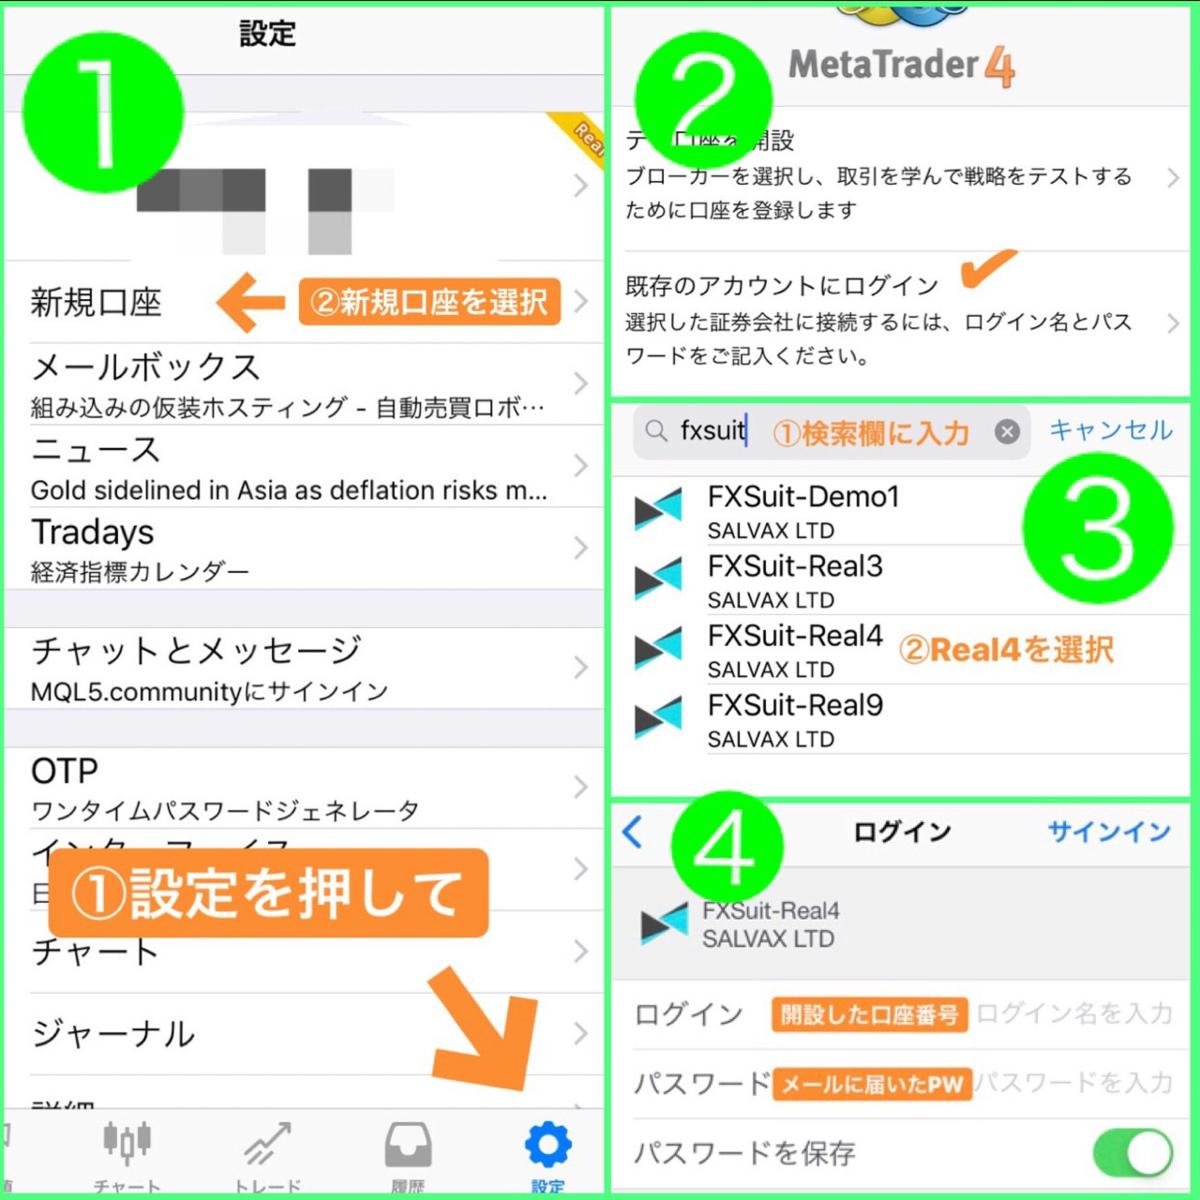 f:id:ksakukun:20200422122610p:plain